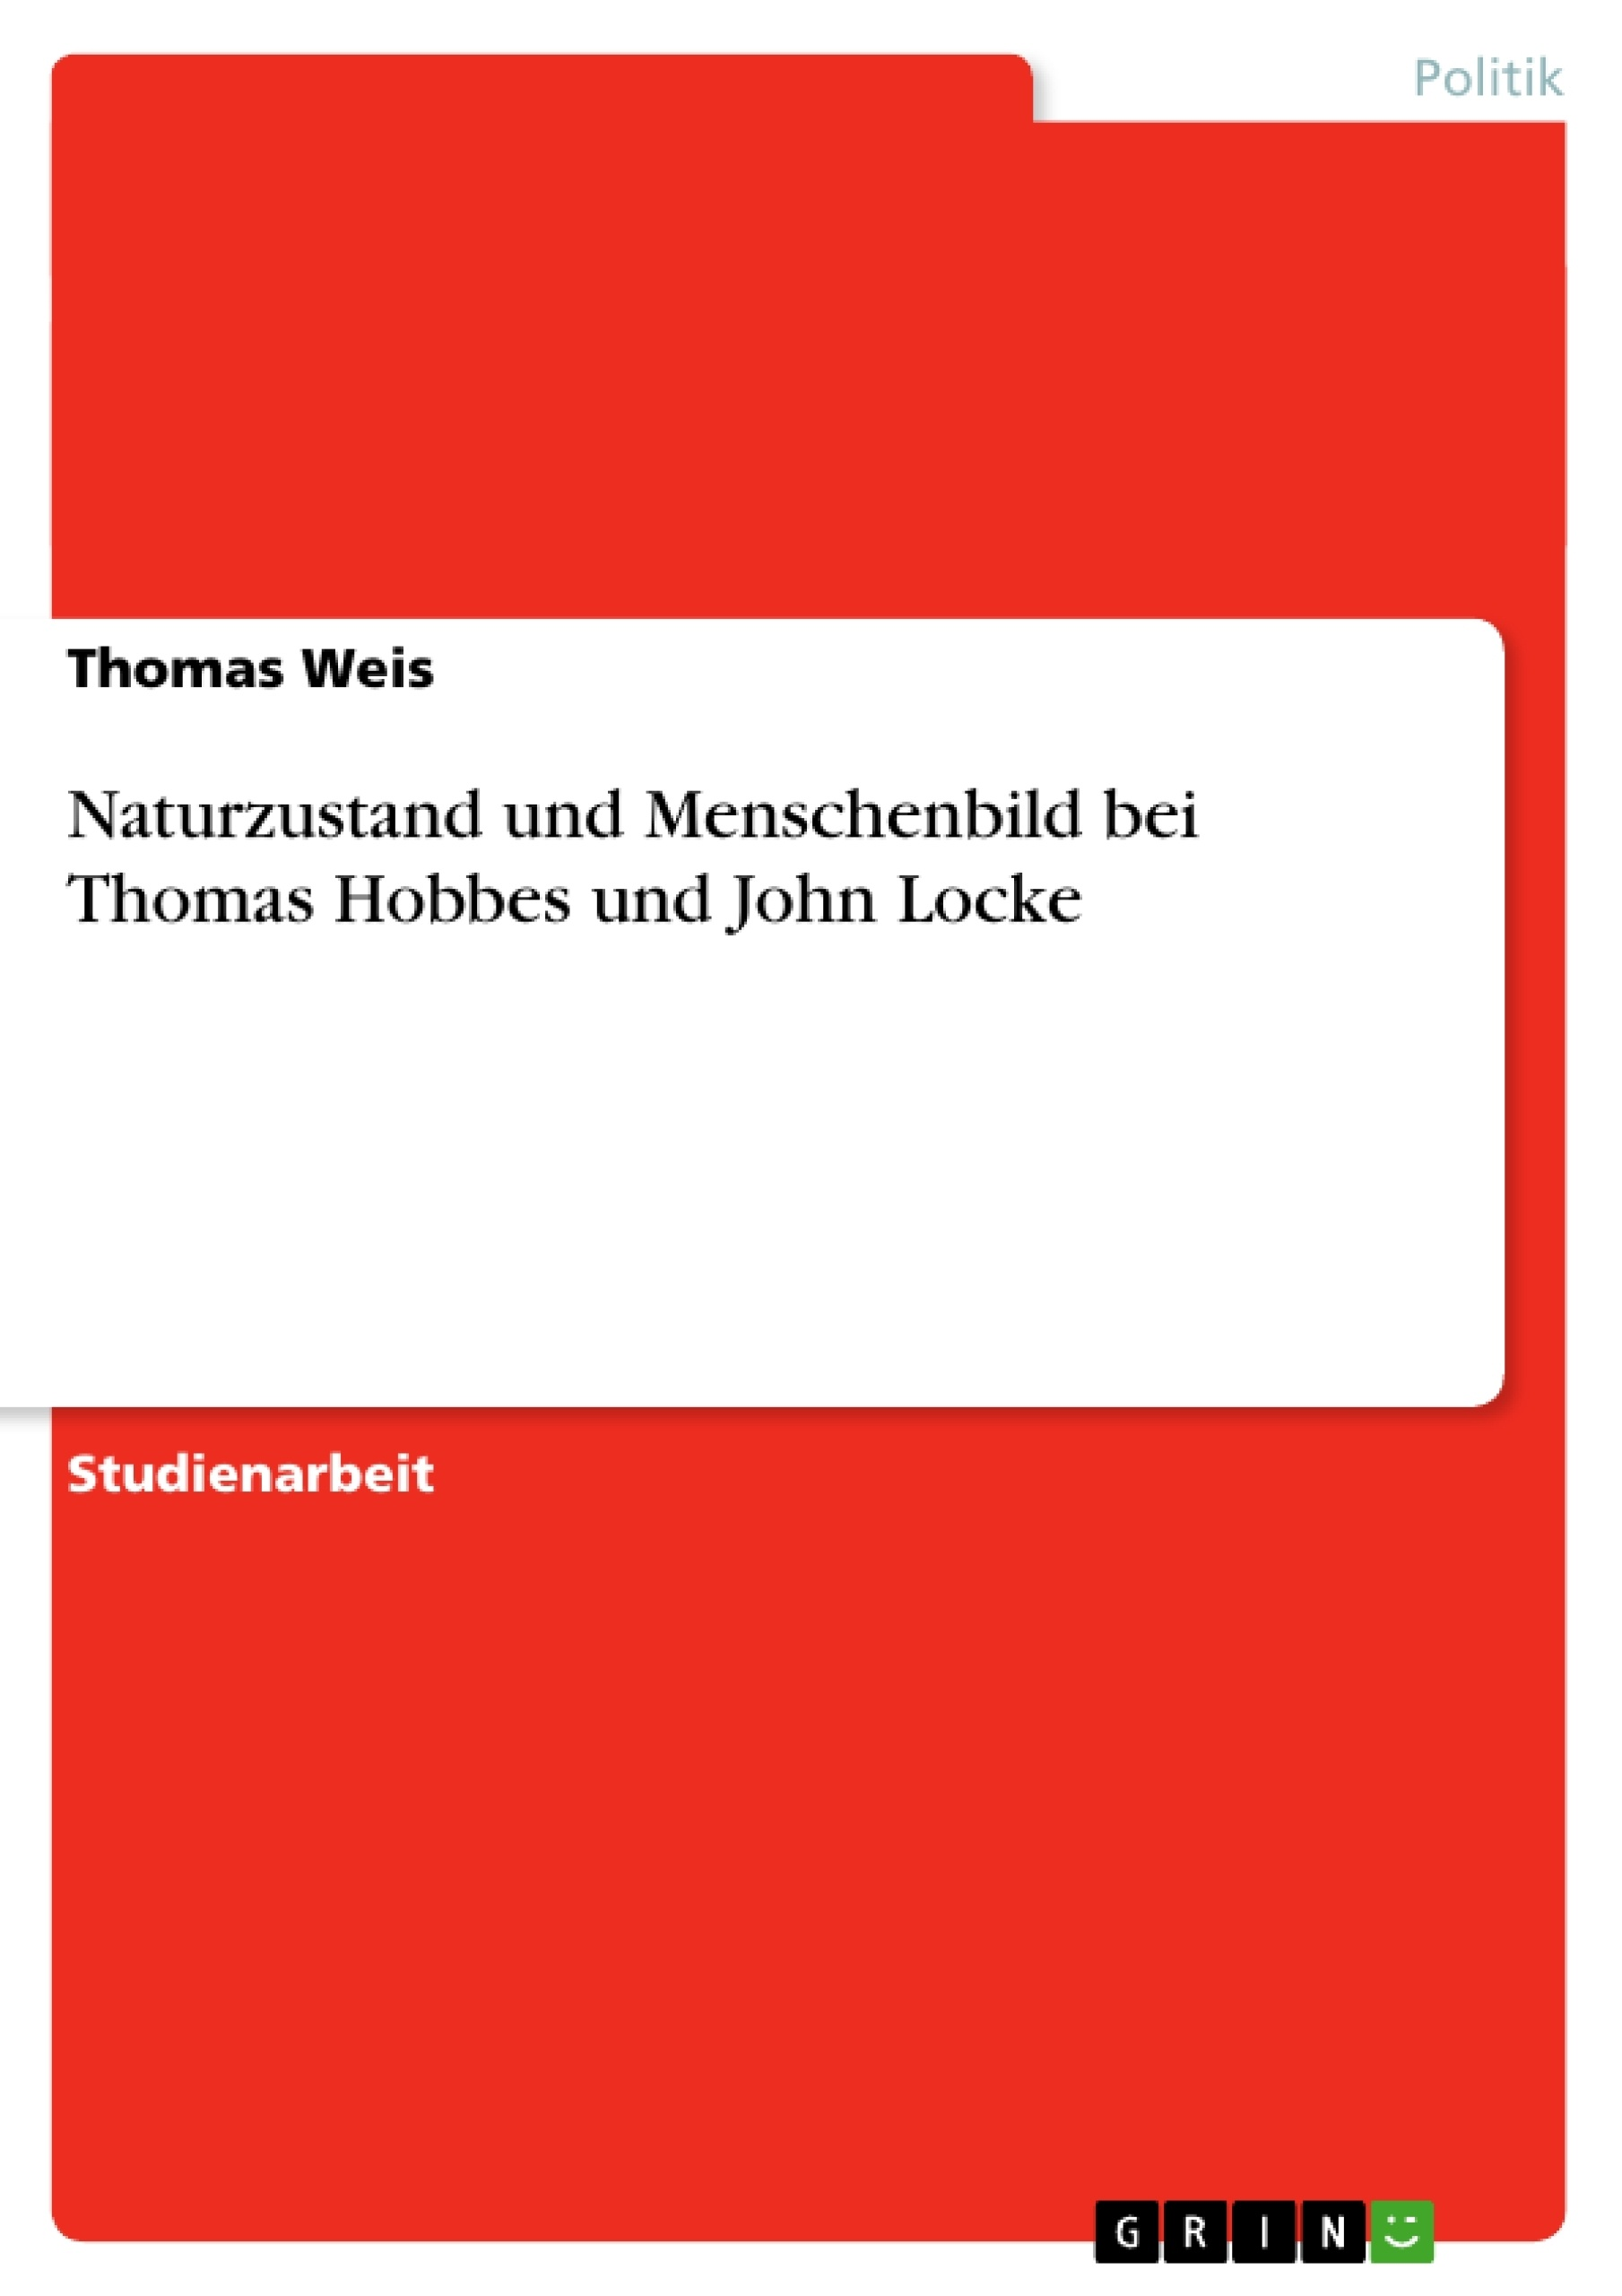 Titel: Naturzustand und Menschenbild bei Thomas Hobbes und John Locke